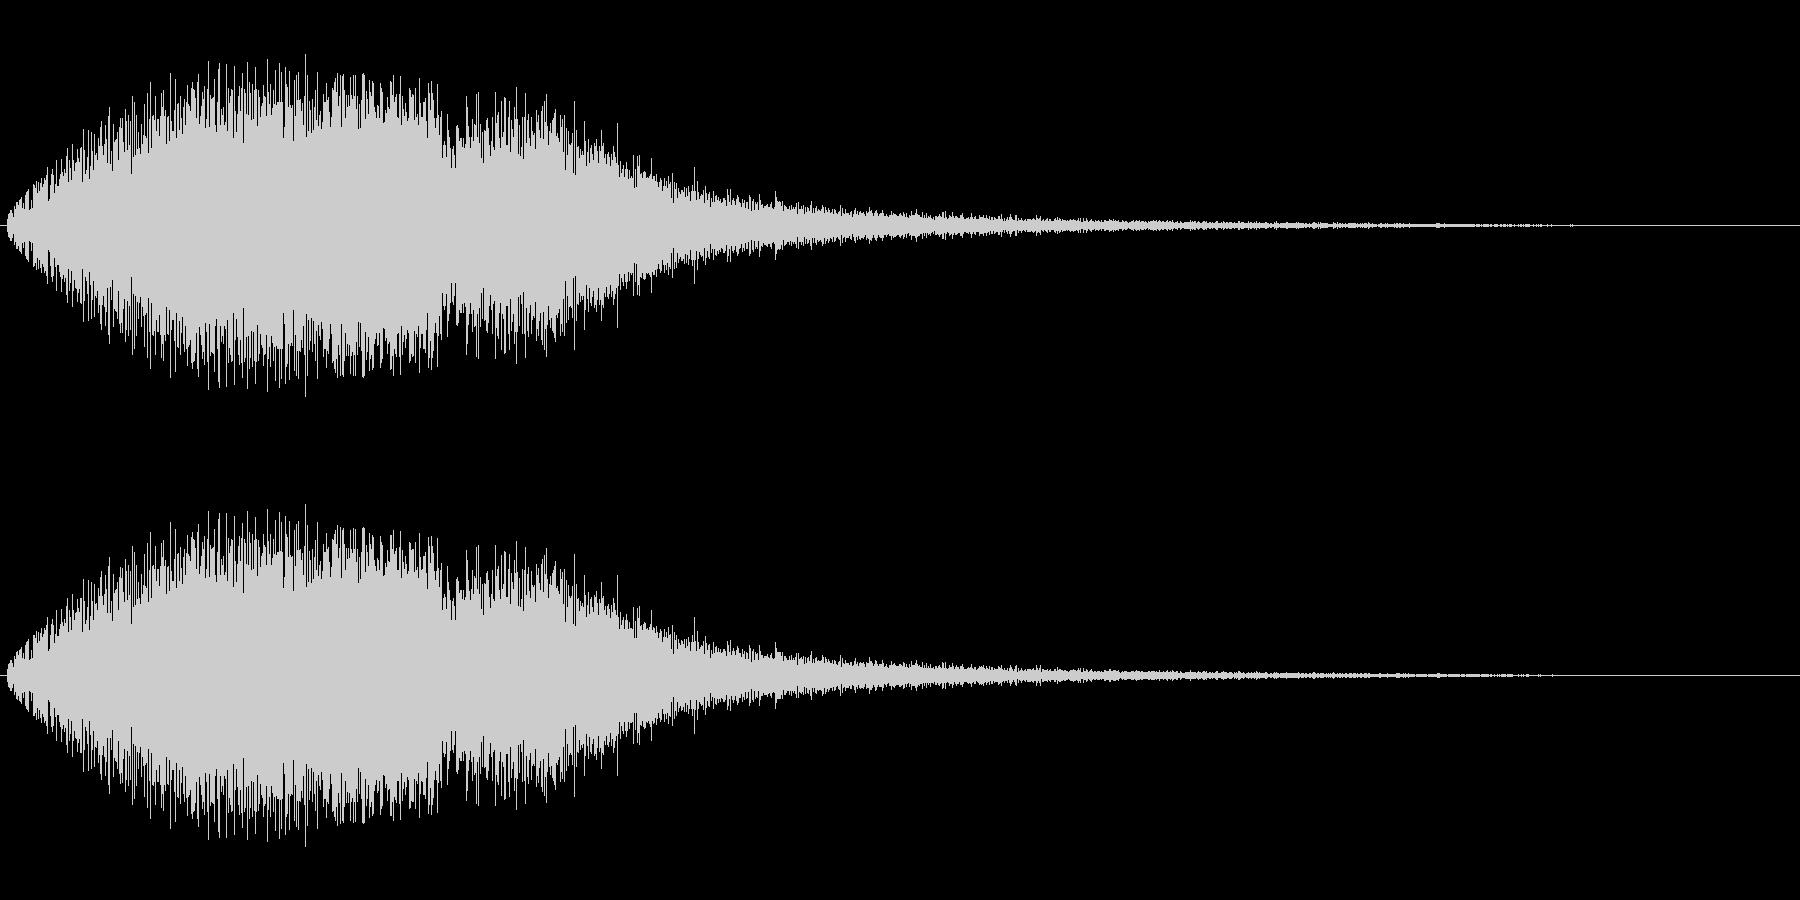 キラキラ系(変調あり)の未再生の波形